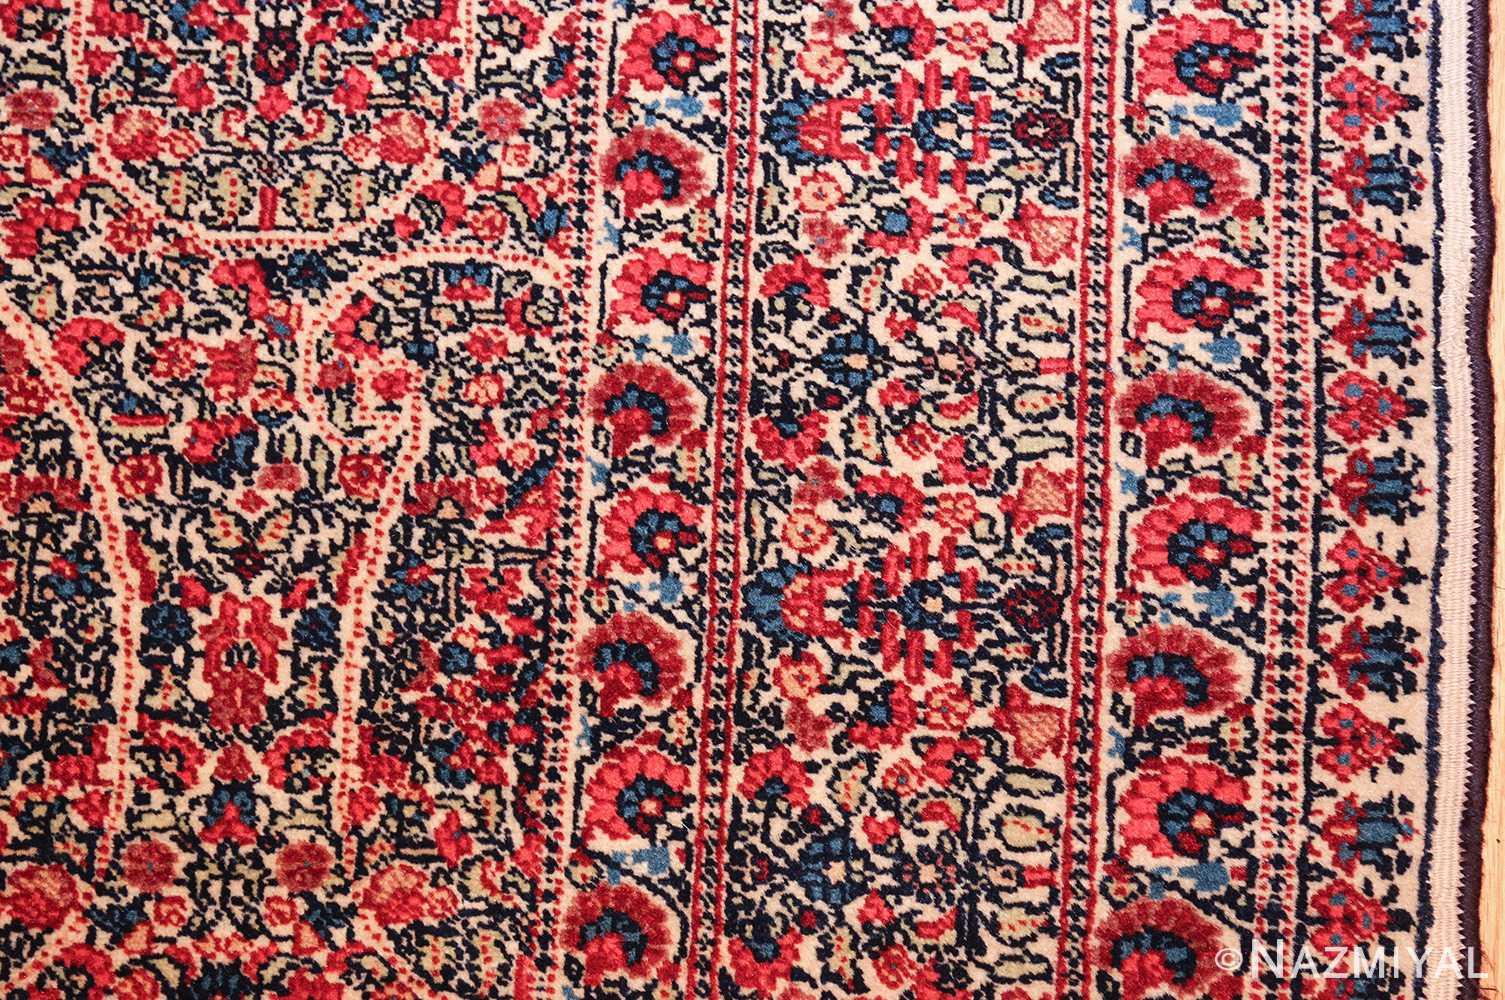 antique millefleur design kerman persian rug 49620 border Nazmiyal